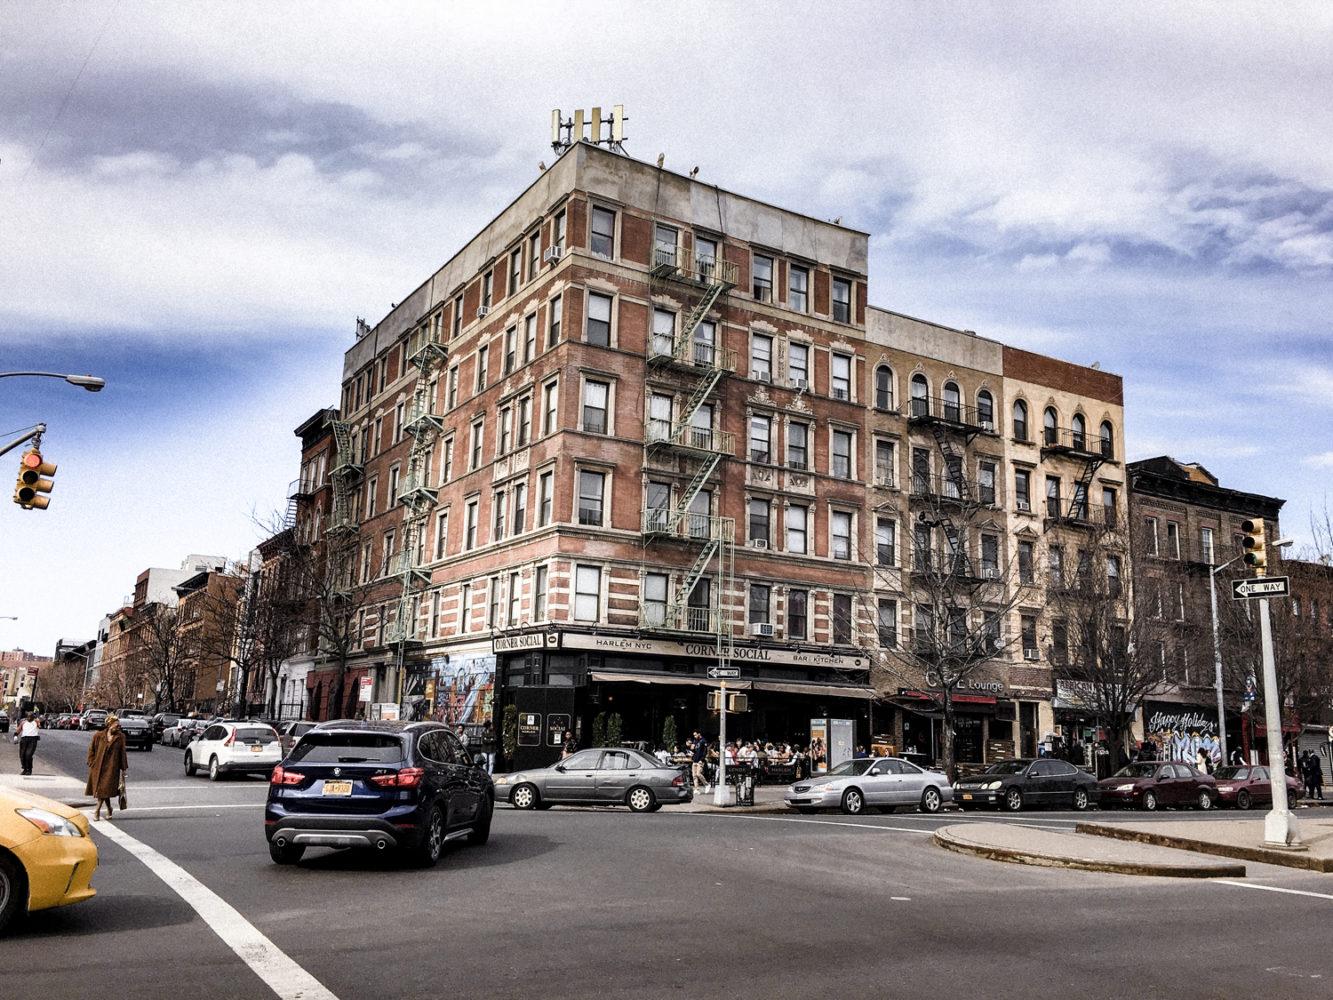 Quartier populaire et vivant d'Harlem